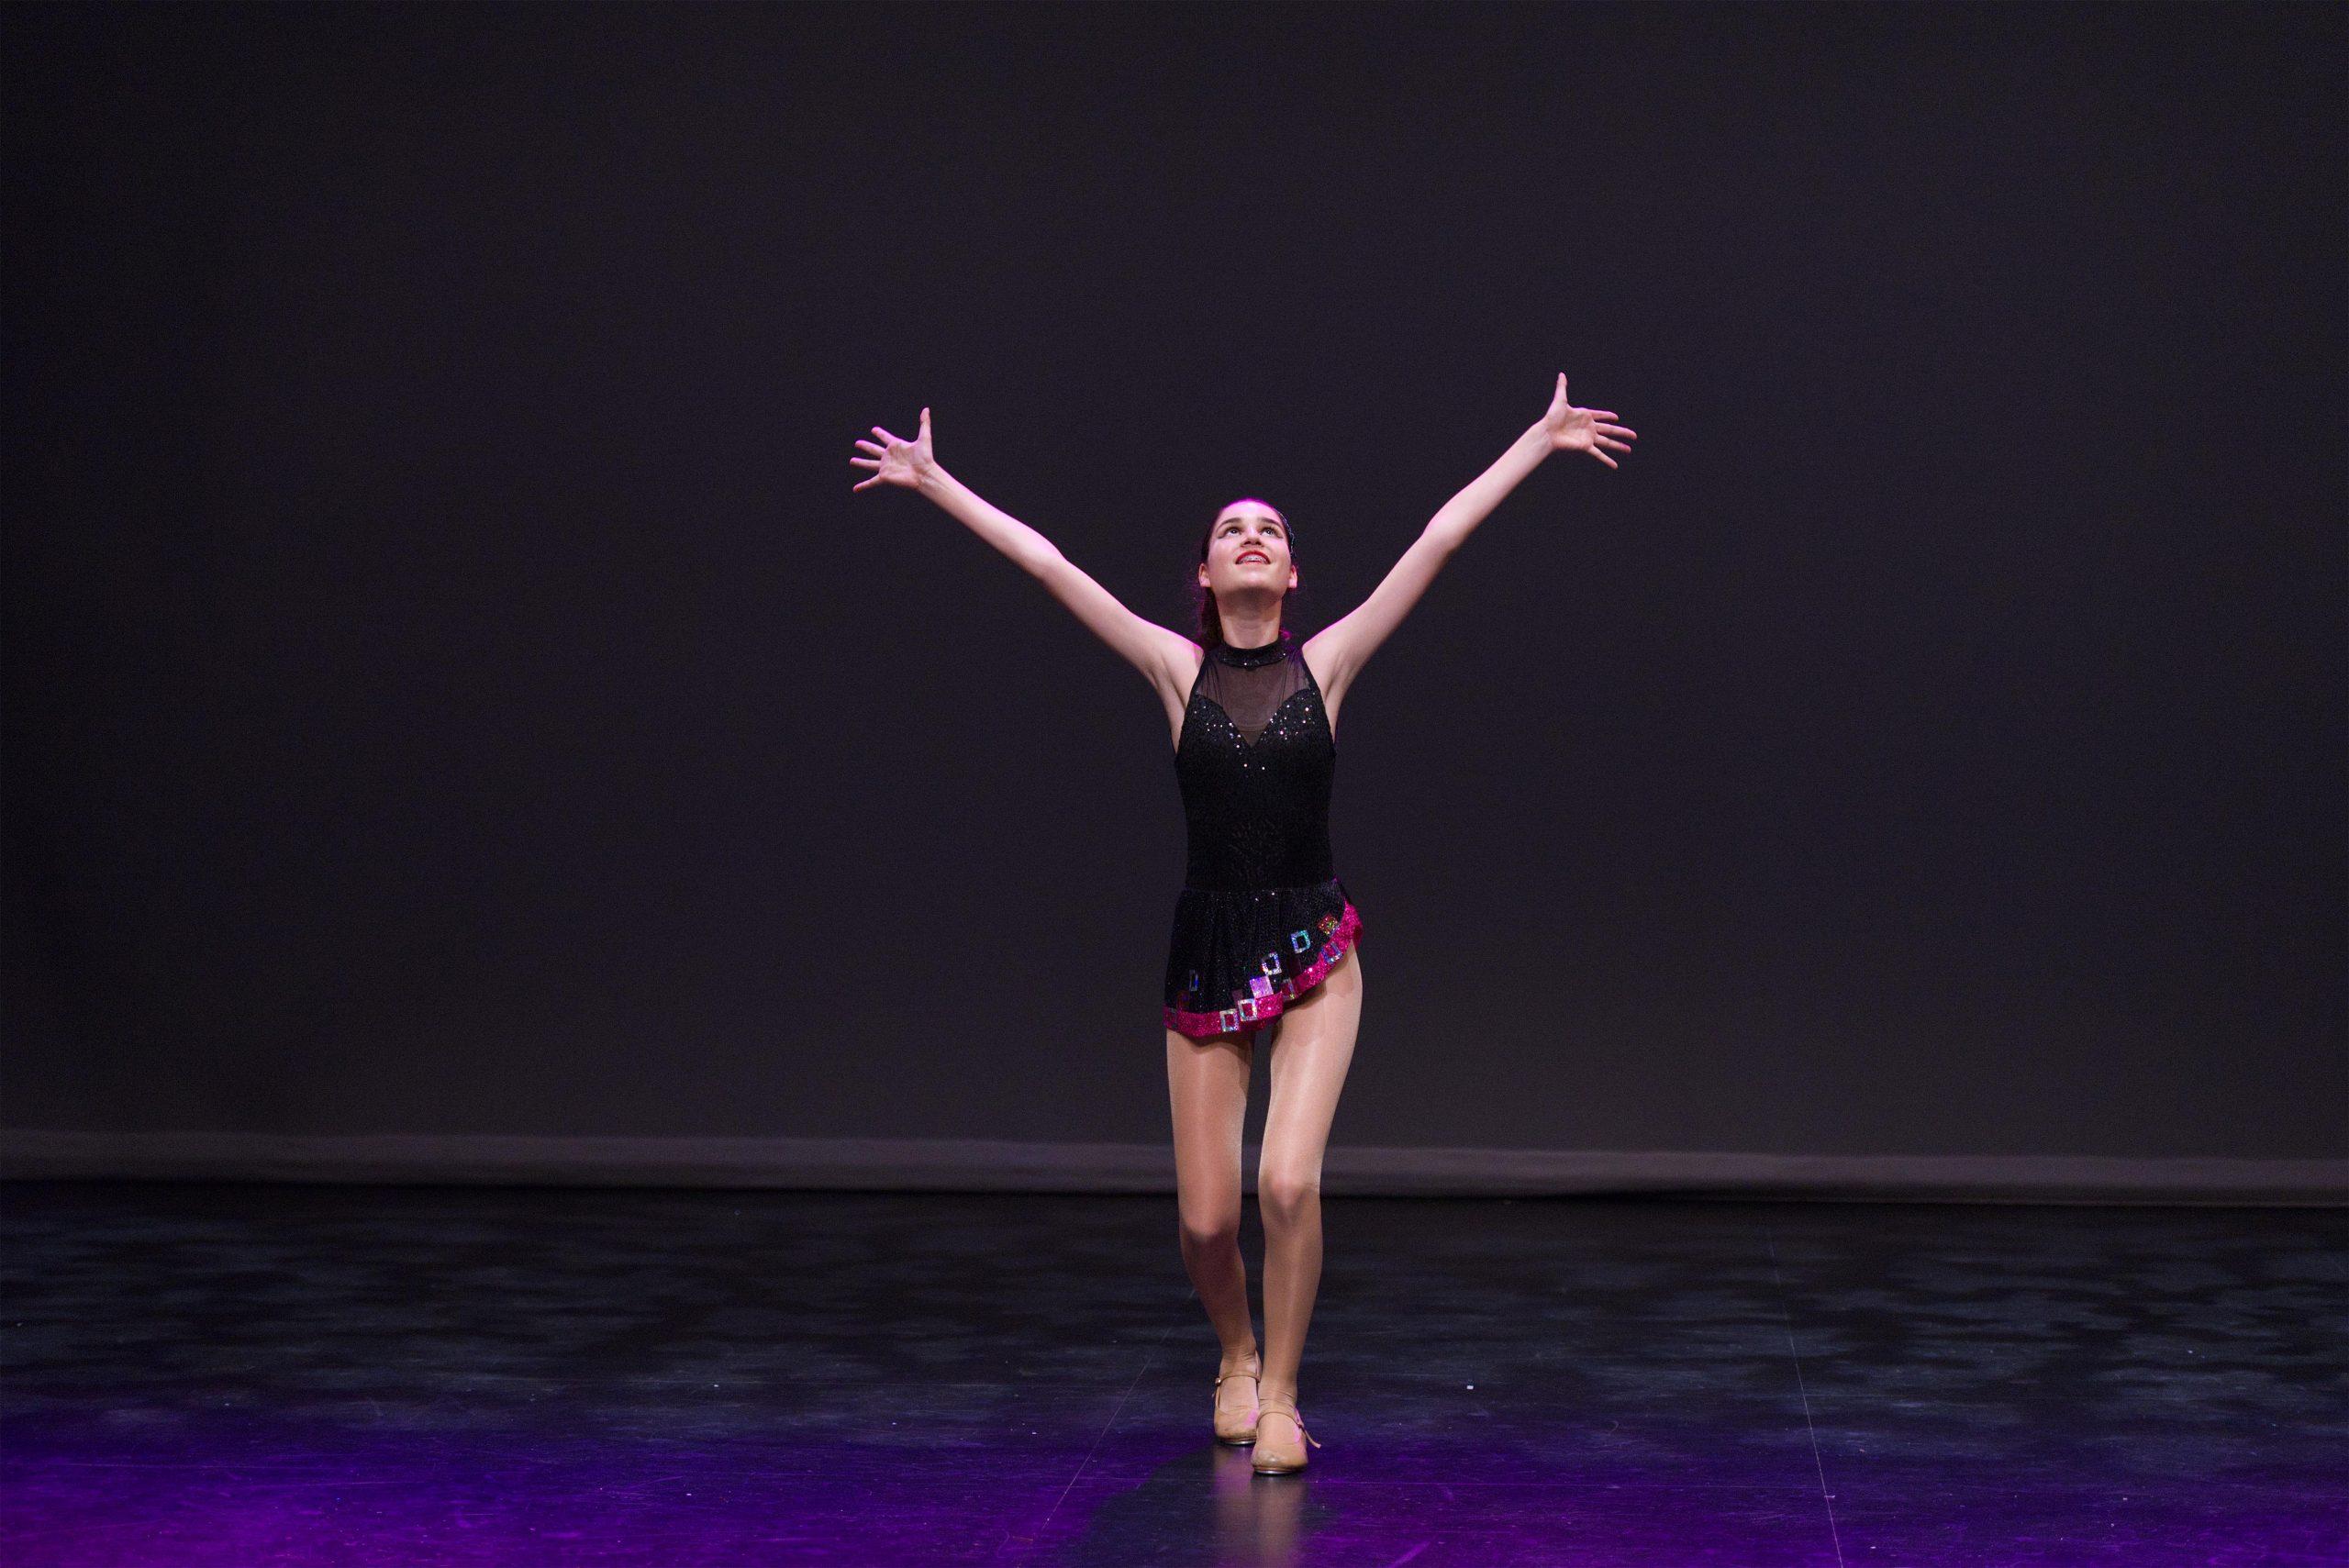 Diakosmos_Dance_Academy_Special_Programs_Aspire_Program